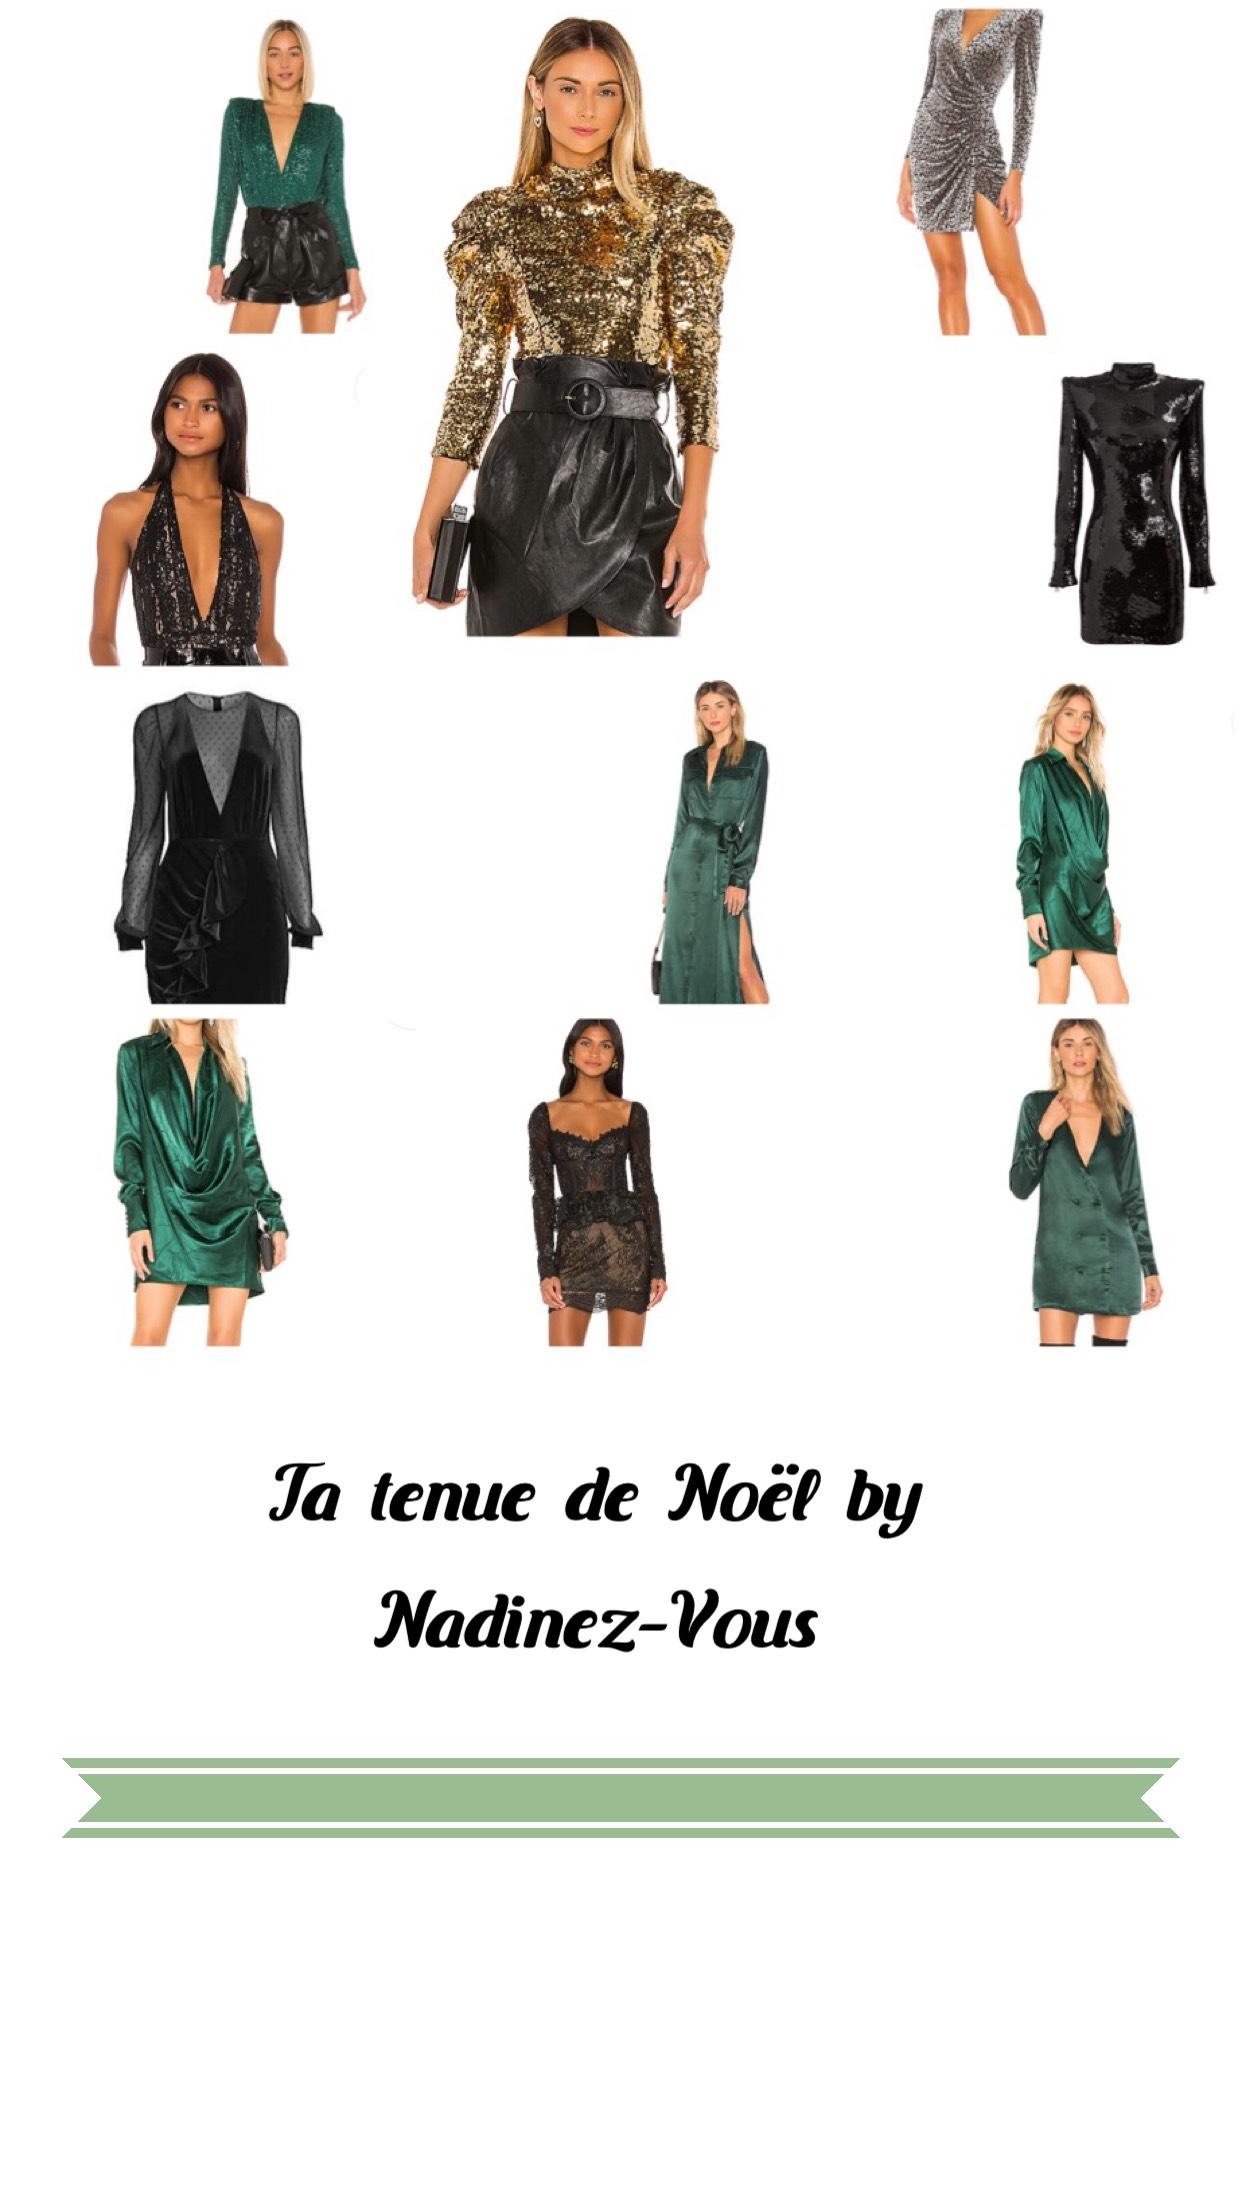 Le dressing mode de ce noël 2019 – 2/3